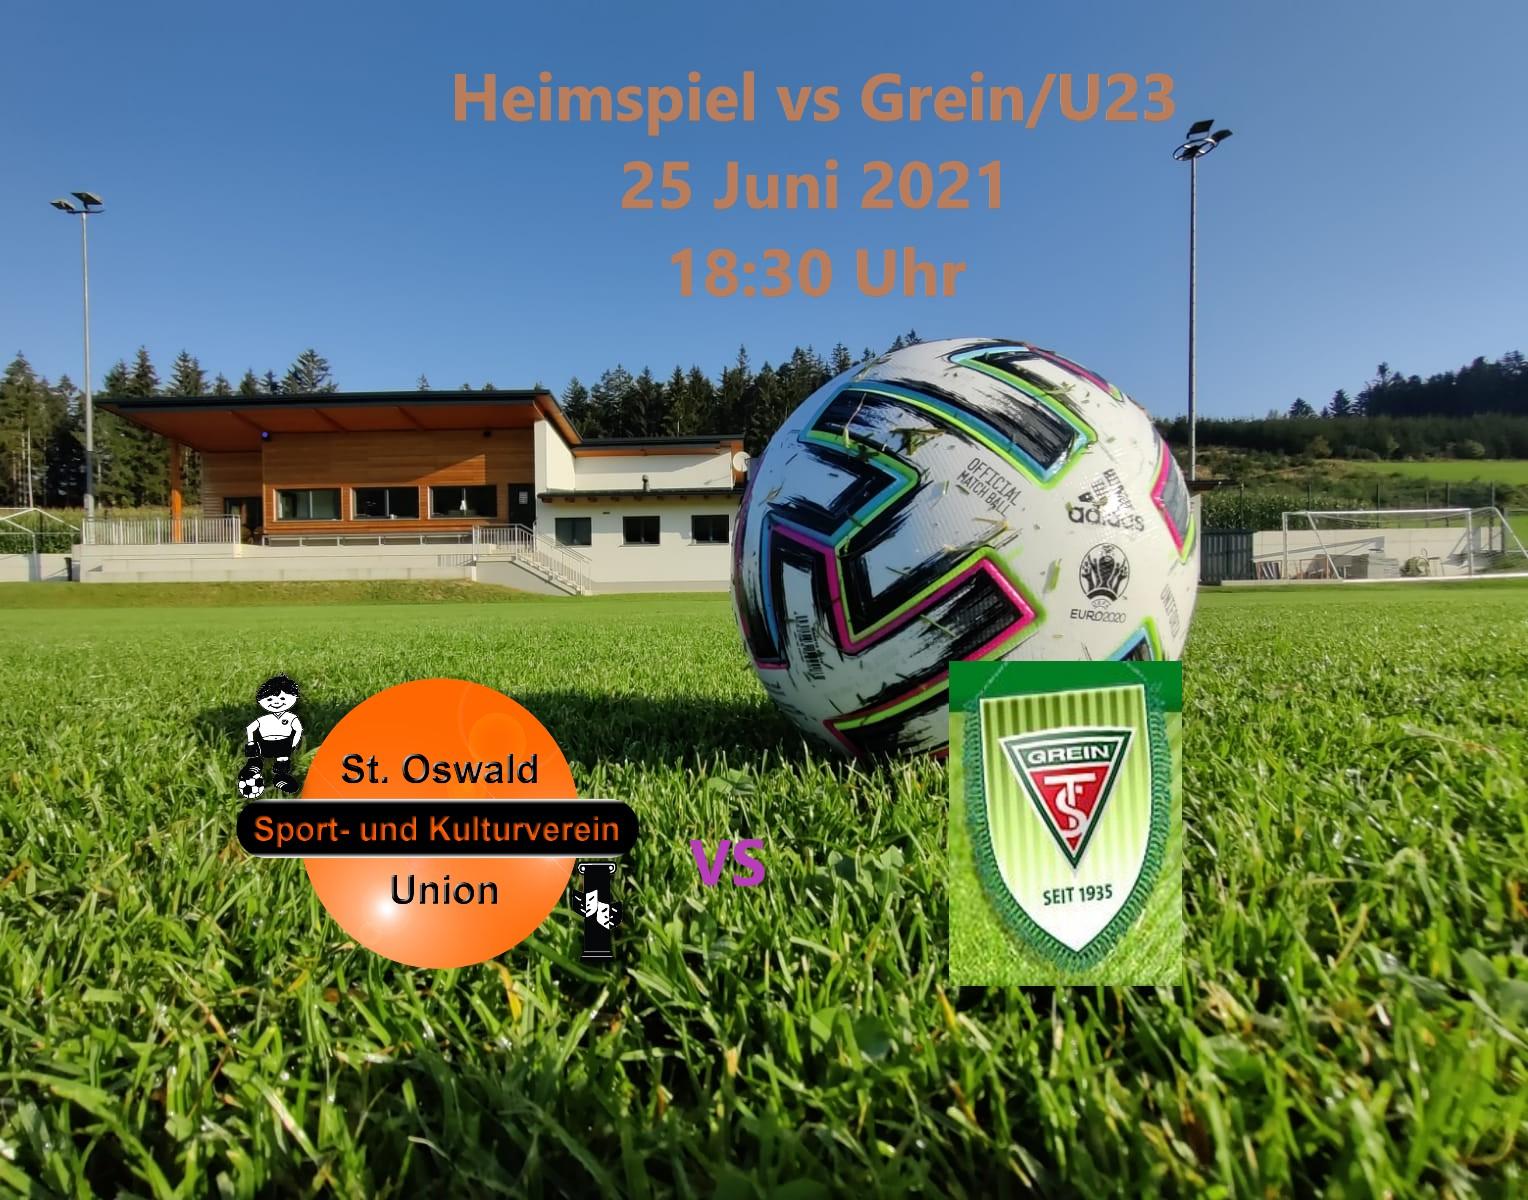 Heimspiel Grein/U23